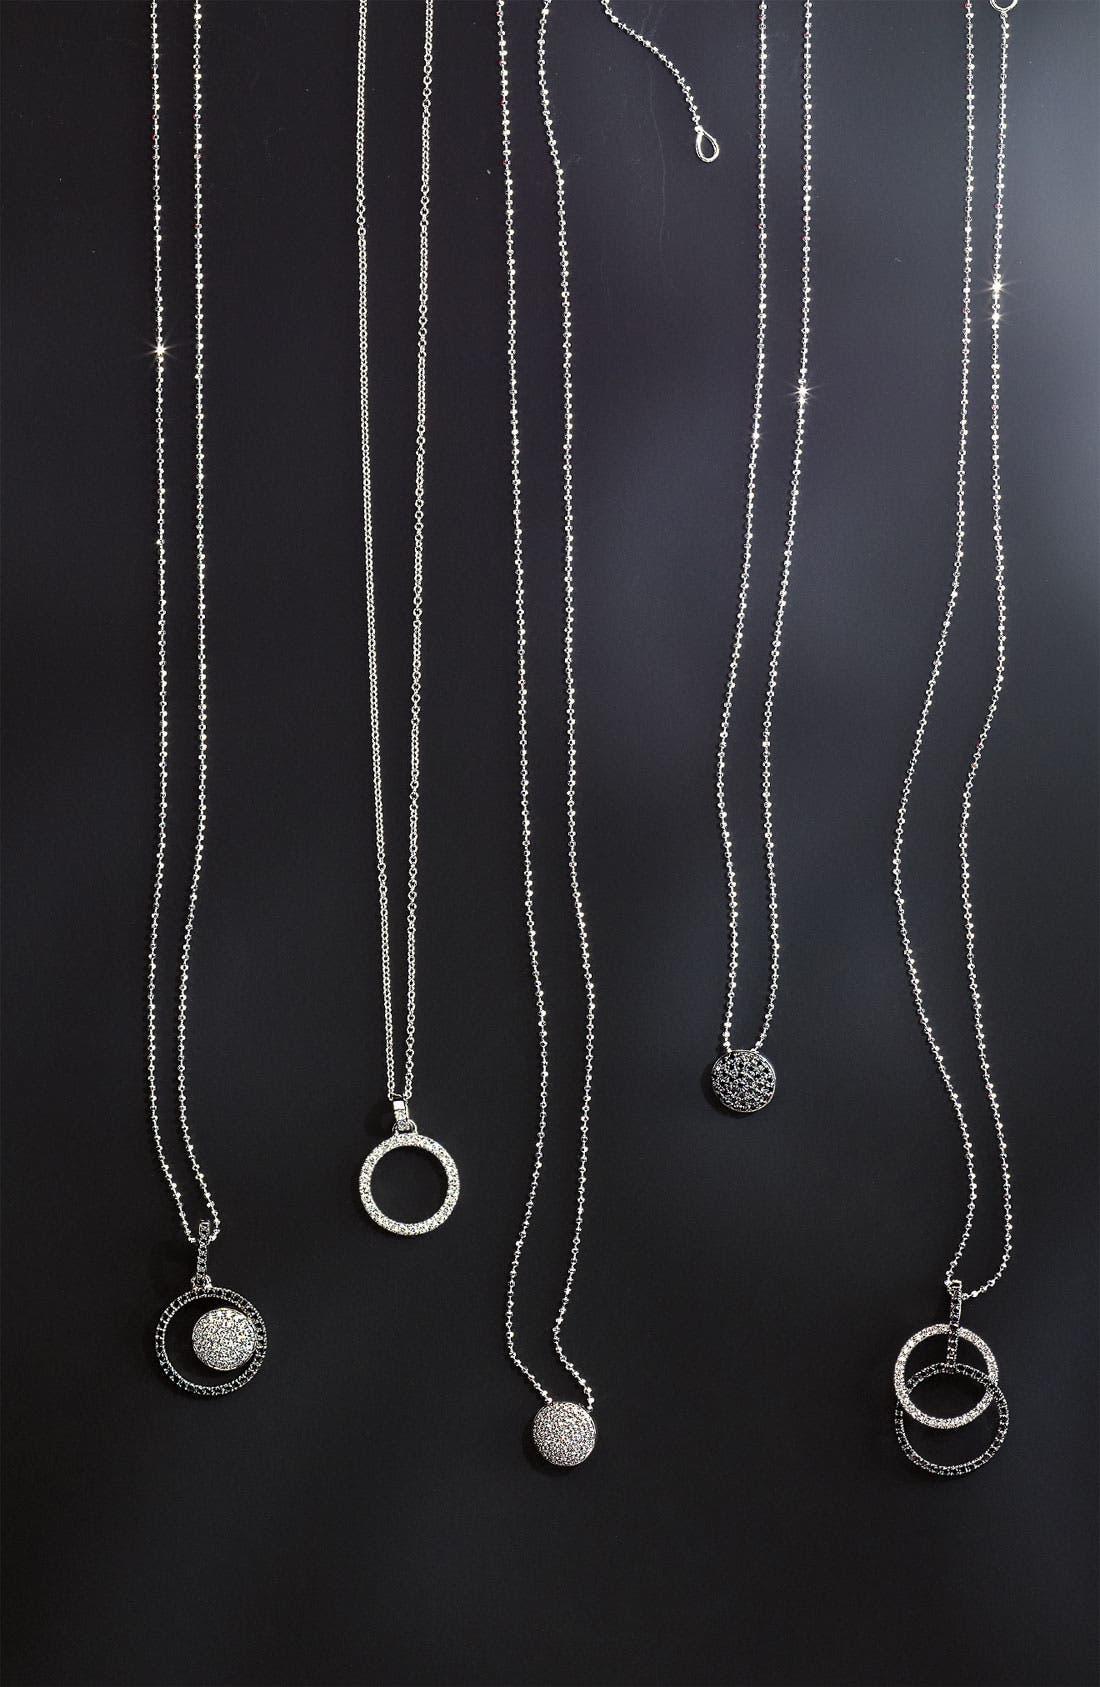 'Eclipse' Pavé Diamond Pendant Necklace,                             Alternate thumbnail 4, color,                             710